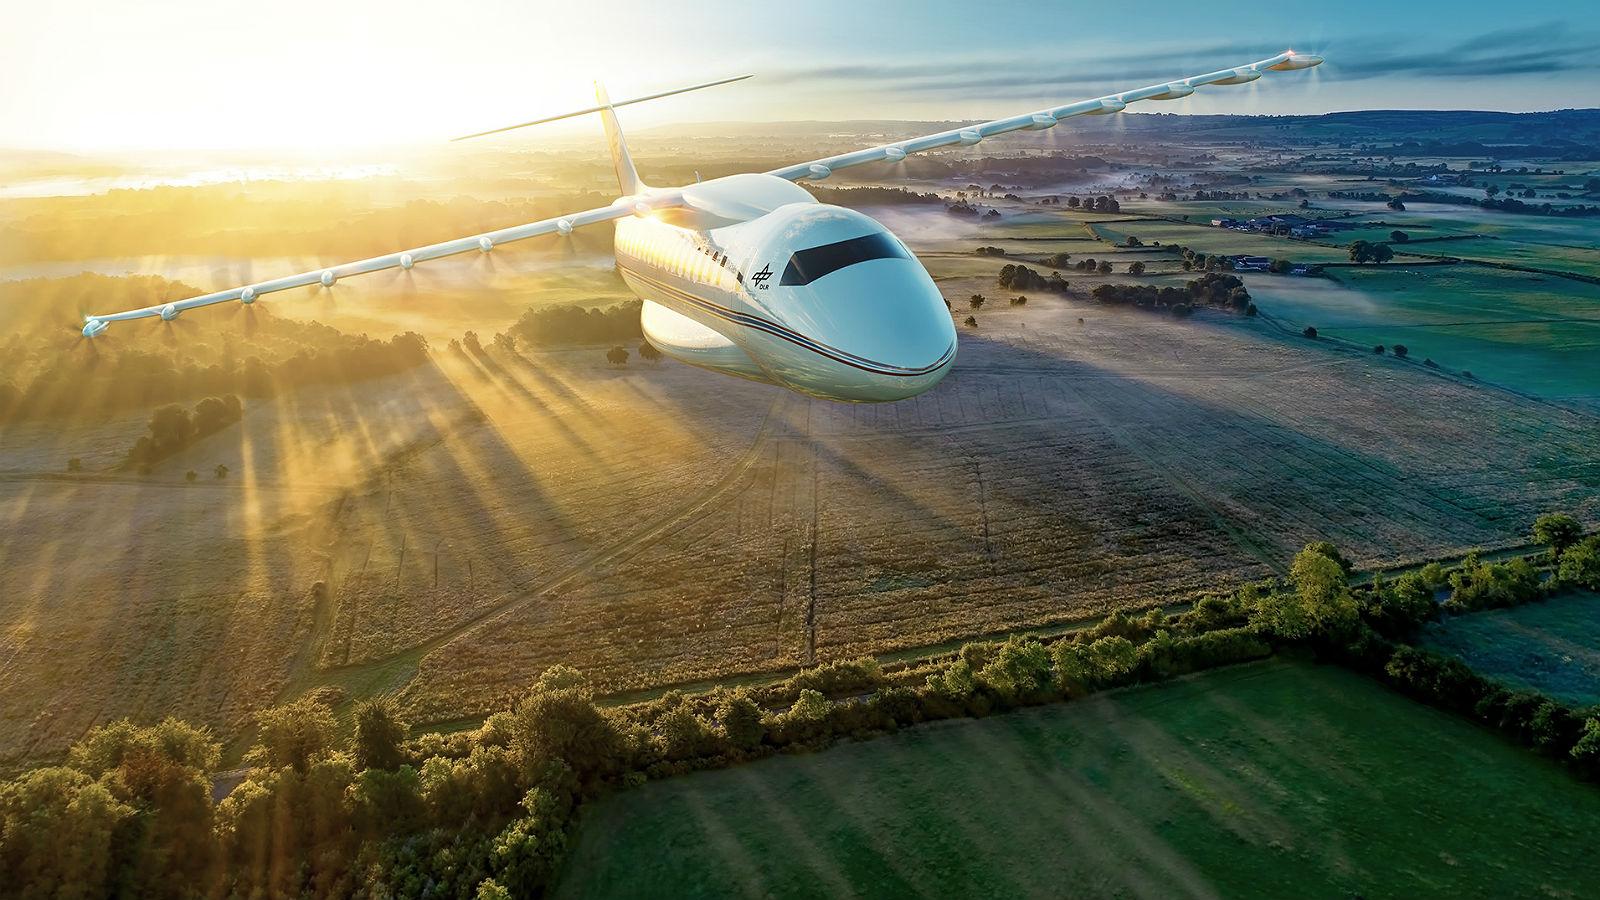 Wie kann man den Flugverkehr klimafreundlicher machen? Das DLR und viele Partner arbeiten mit Hochdruck daran. Hier einige Projekte. Bild: DLR